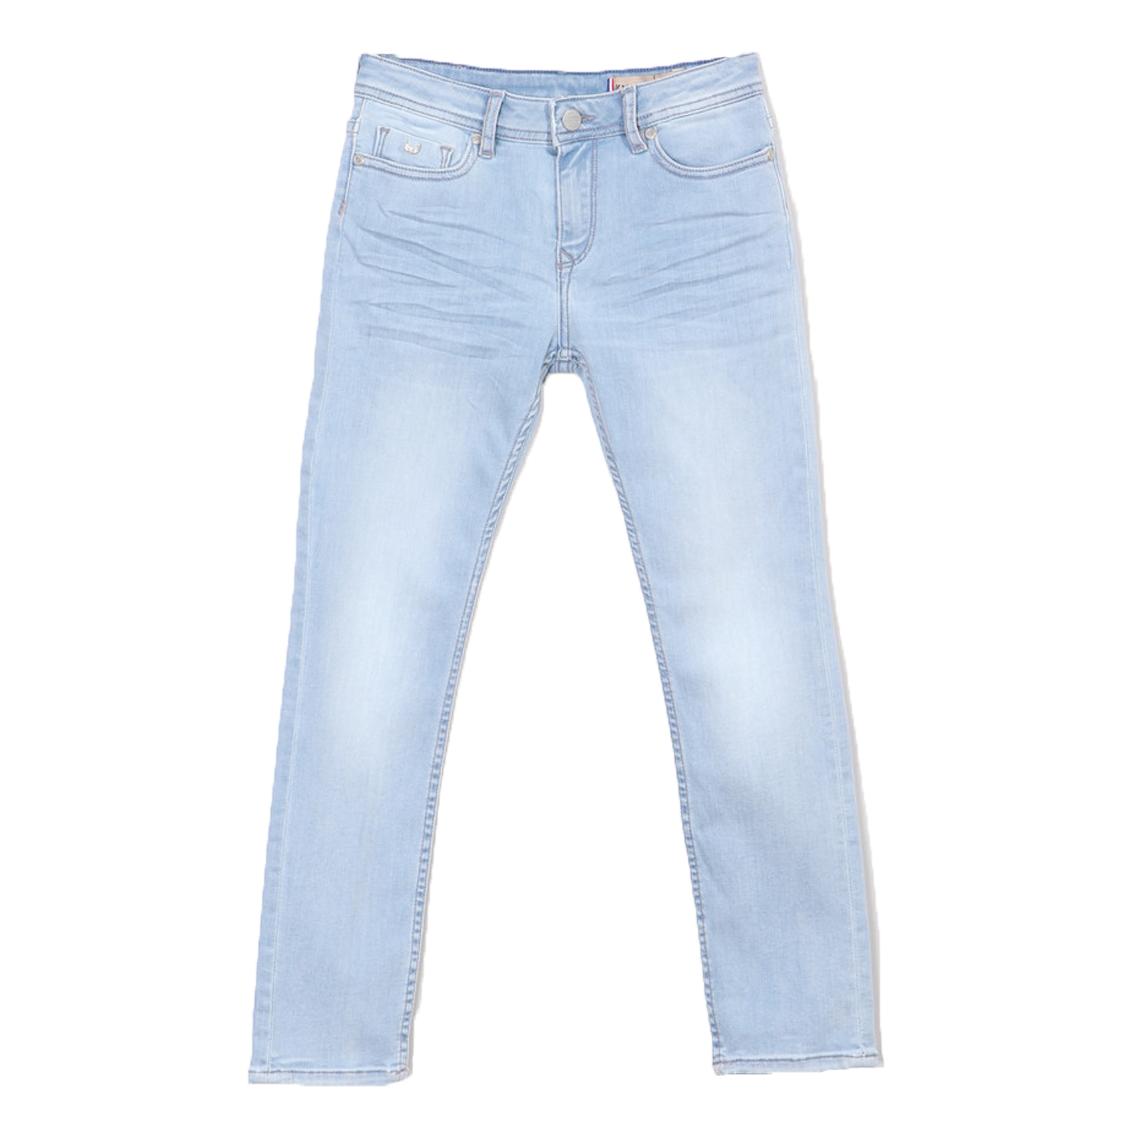 Jean slim  jego en coton stretch bleu clair légèrement délavé